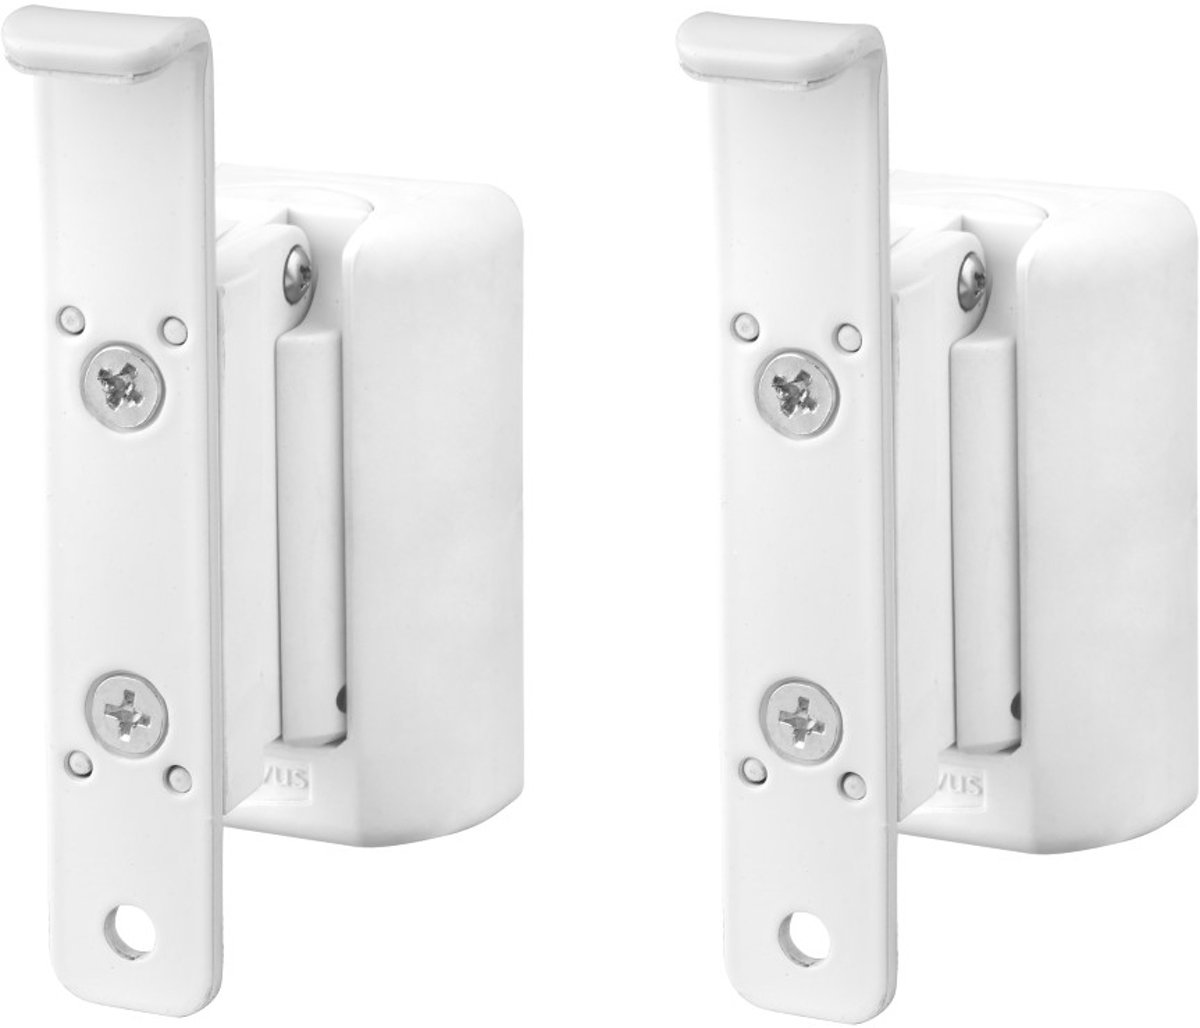 Cavus CMP1W SET Muurbeugel voor Sonos PLAY:1  - wit - 2 stuks kopen